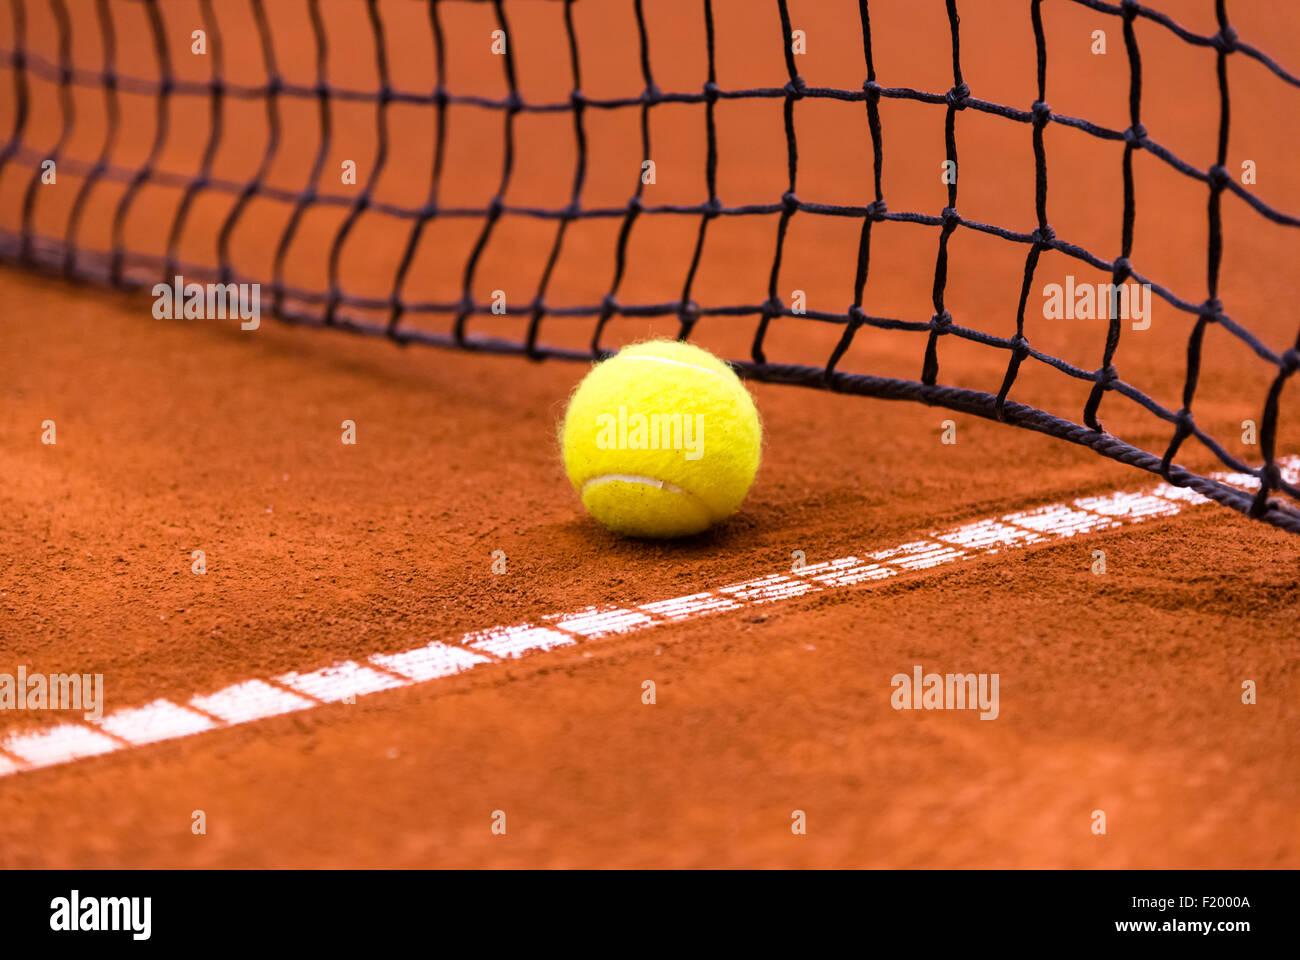 gelben Tennisball auf einem roten Sandplatz Stockbild